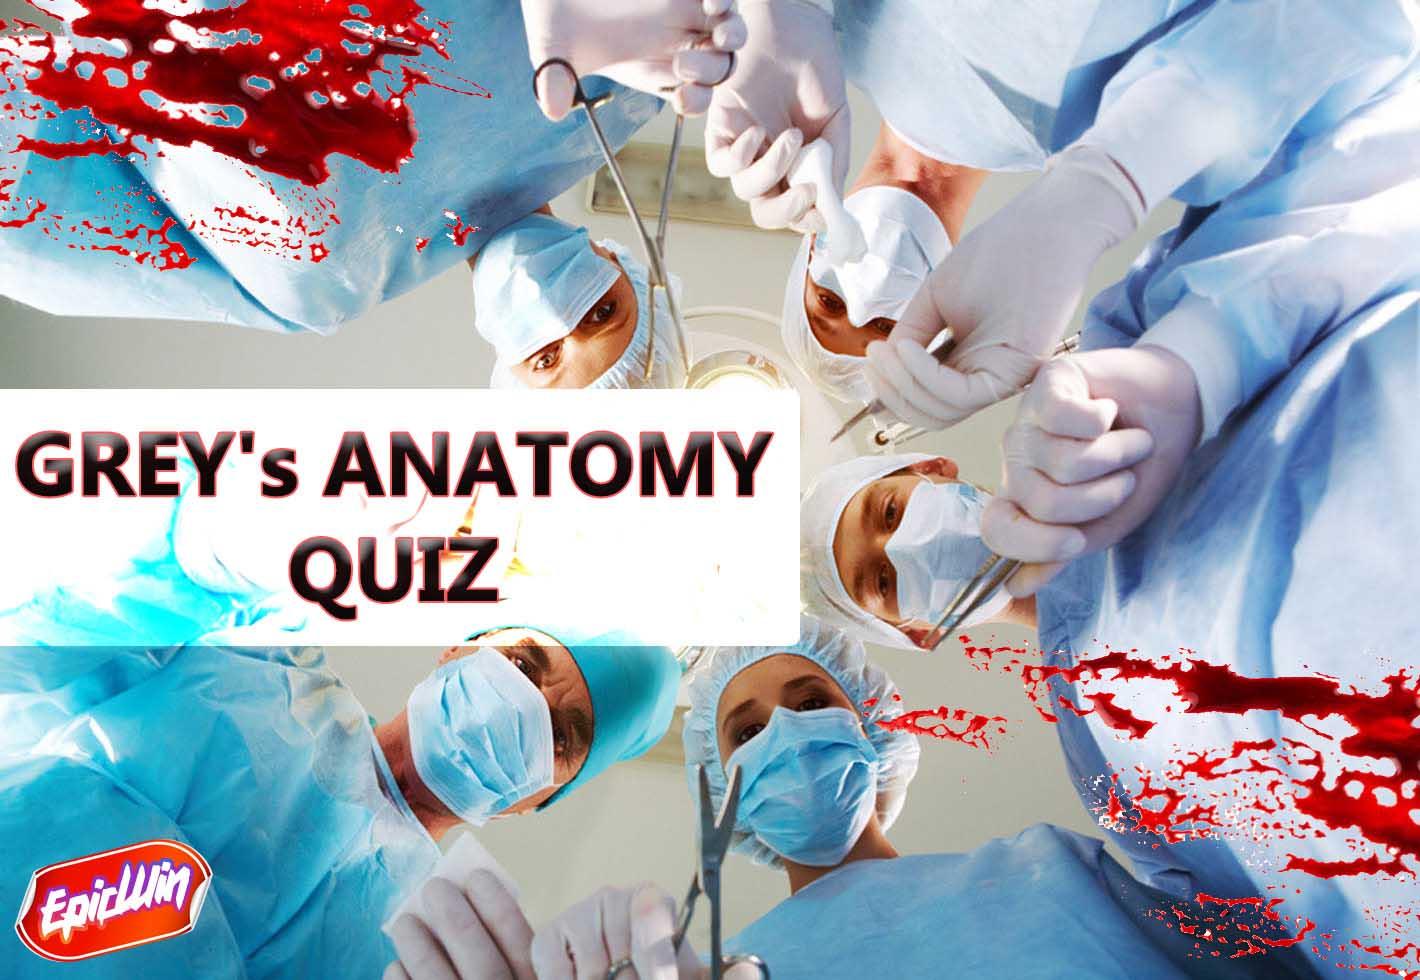 greys anatomy quiz